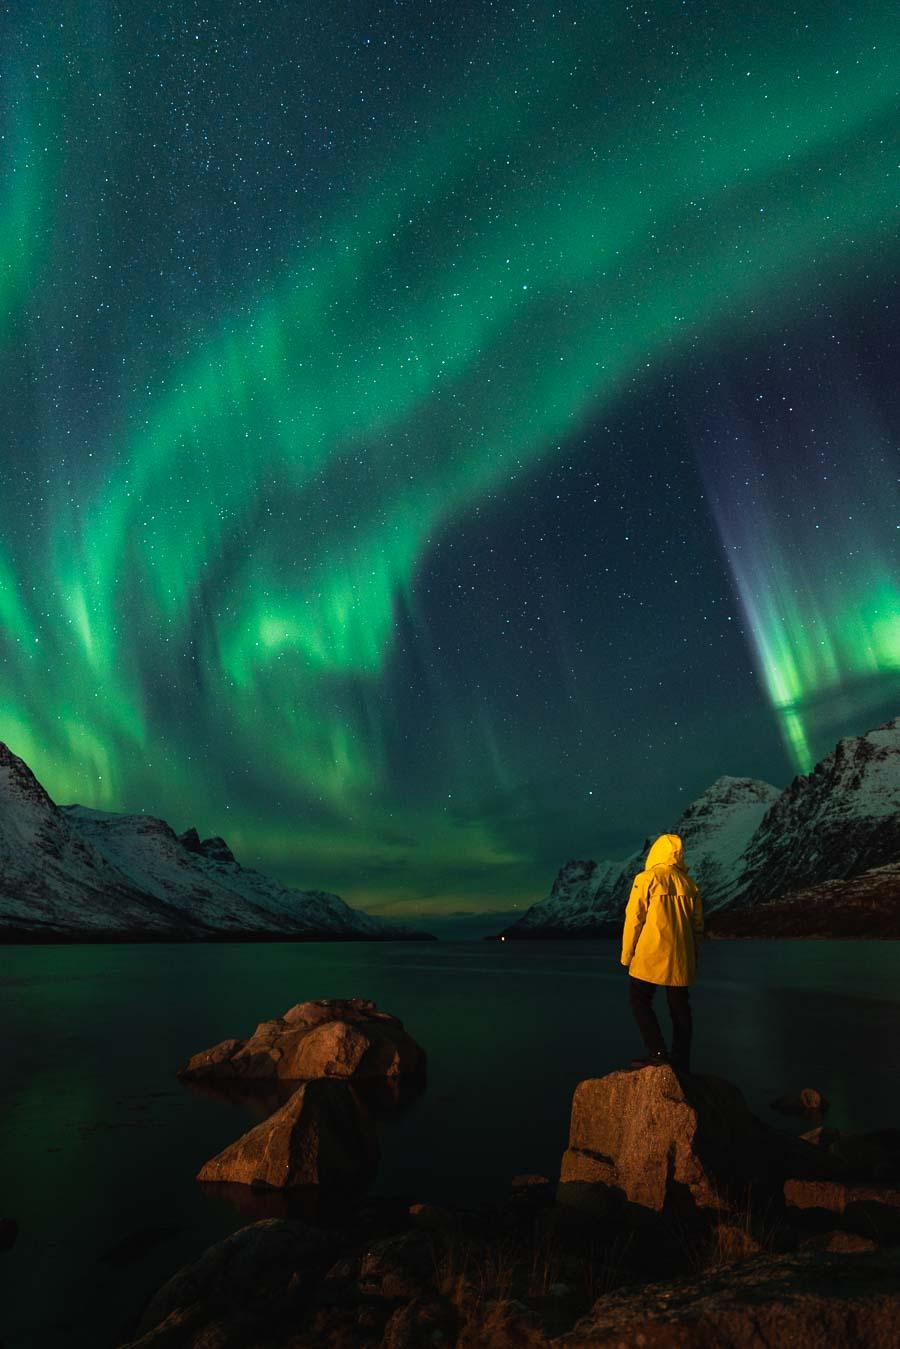 Mann nyter nordlyset i Ersfjorden